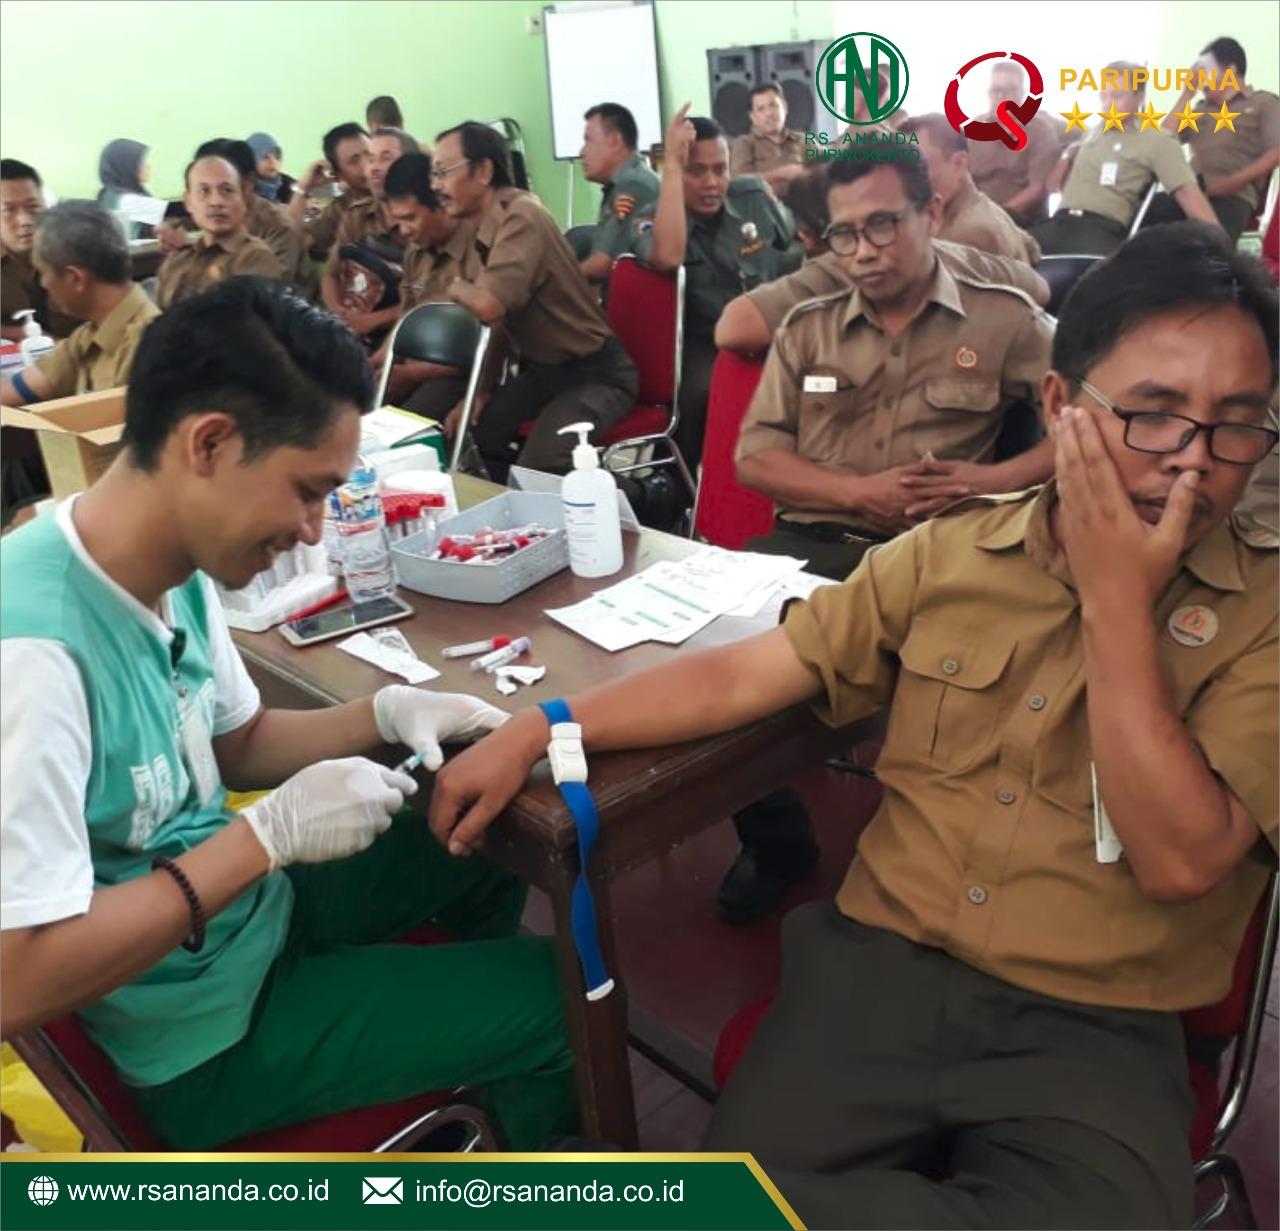 medical check up- rs ananda purwokerto MEDICAL CHECK UP- RS ANANDA PURWOKERTO WhatsApp Image 2018 10 19 at 14